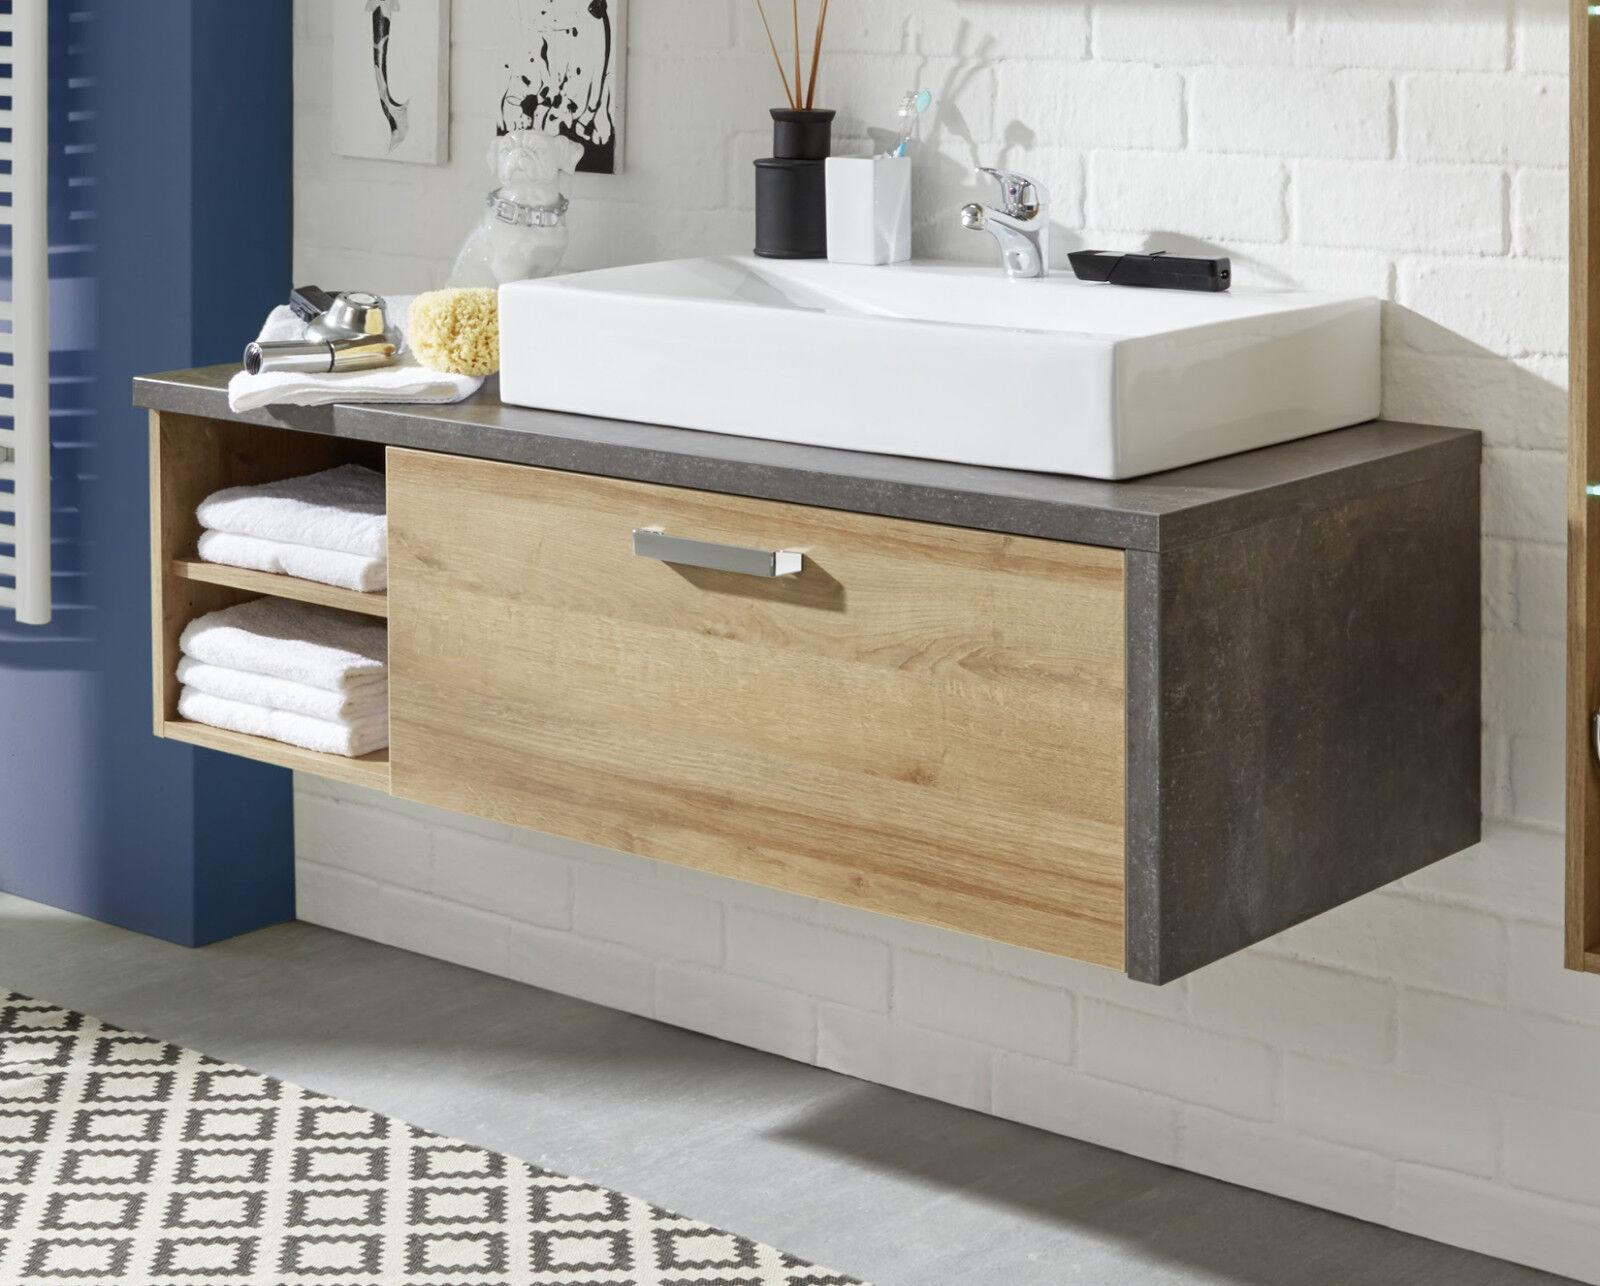 Aufsatzwaschbecken Unterschrank Holz Test Vergleich +++ Aufsatzwaschbecken Unterschrank Holz ...